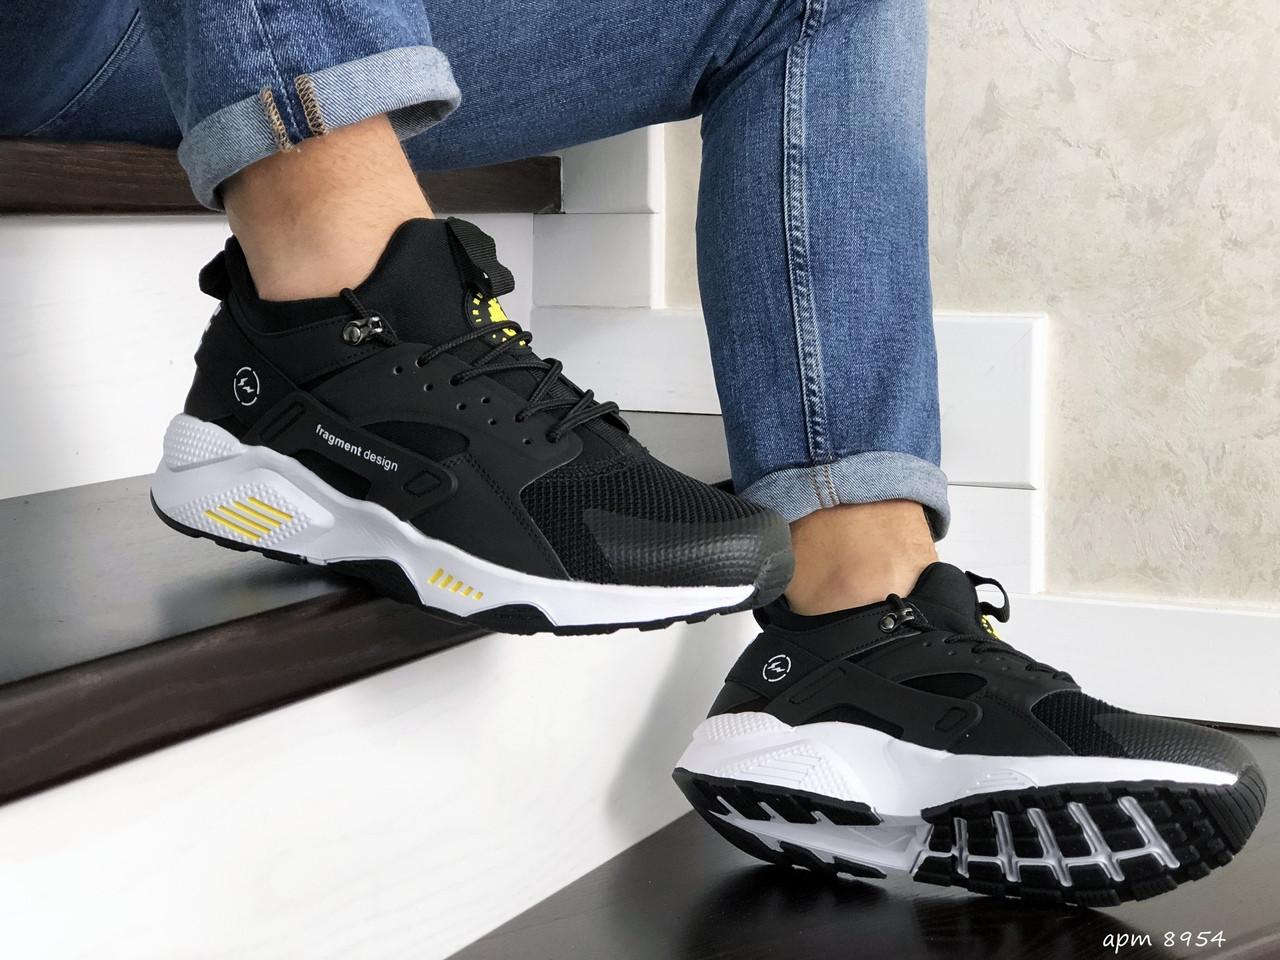 Чоловічі кросівки Nike Huarache Fragment Design (чорно-білий з жовтим) 8954